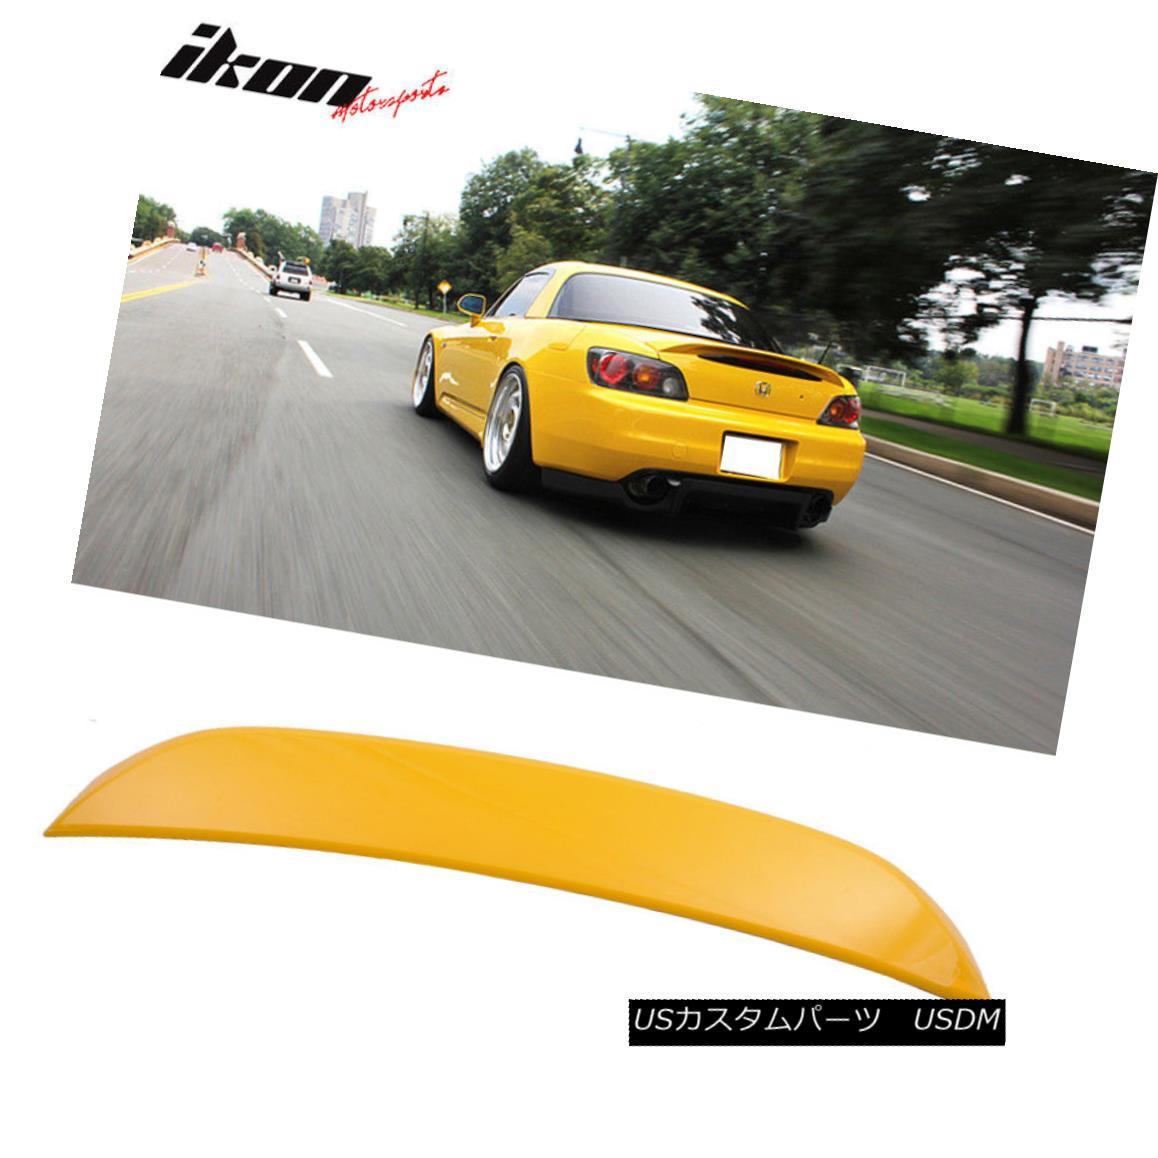 エアロパーツ Fits 01-03 S2000 AP1 OE Factory Trunk Spoiler Painted Spa Yellow Pearl #Y52P フィット01-03 S2000 AP1 OE工場トランクスポイラー塗装スパイエローパール#Y52P